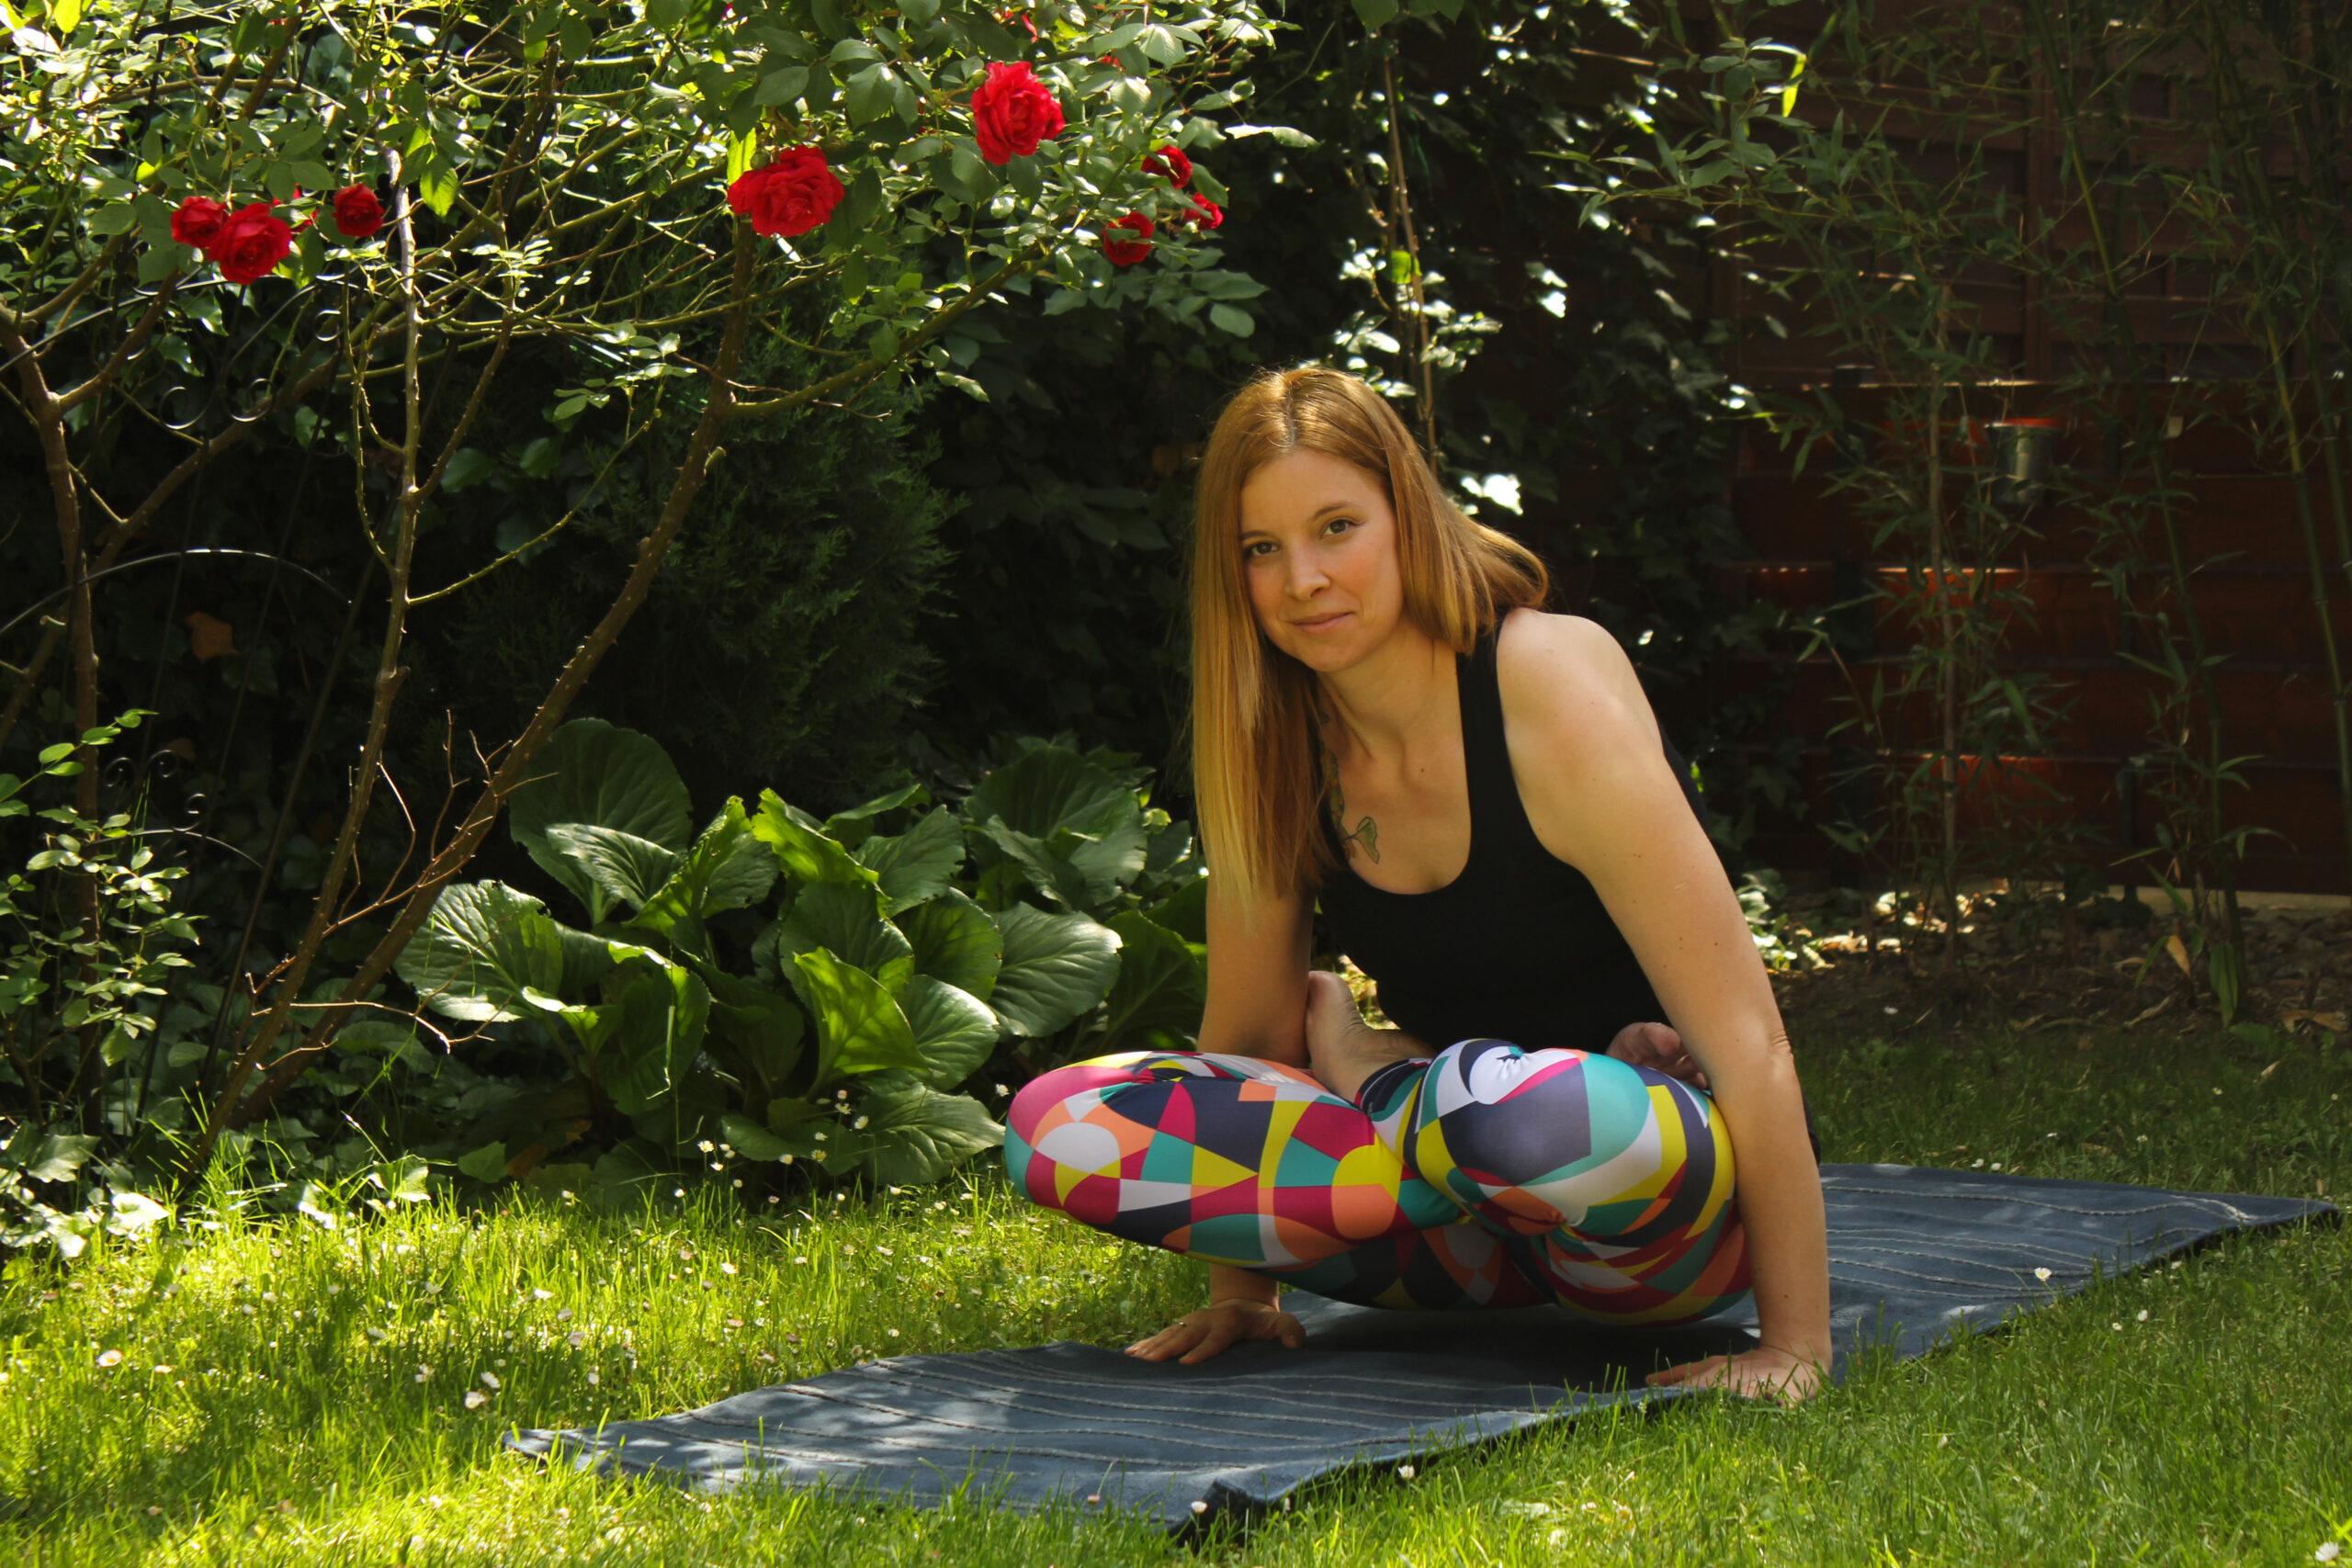 jóga, a Jóga Világnapja 2021, légzés, ászana, ashtanga, jóga